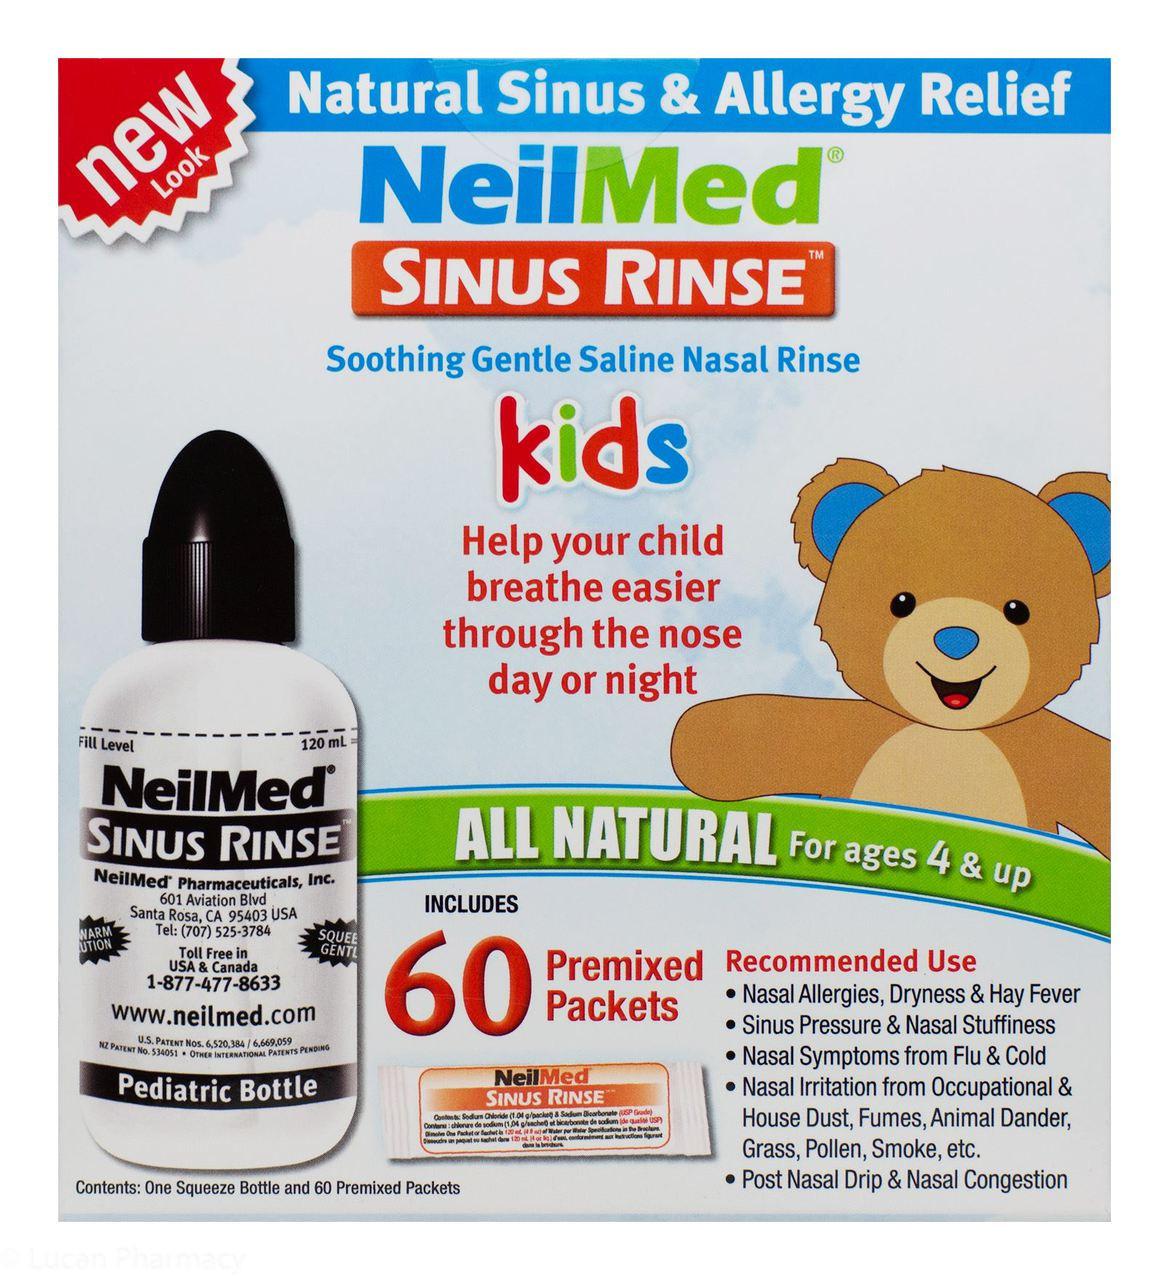 how to clean neilmed sinus rinse bottle